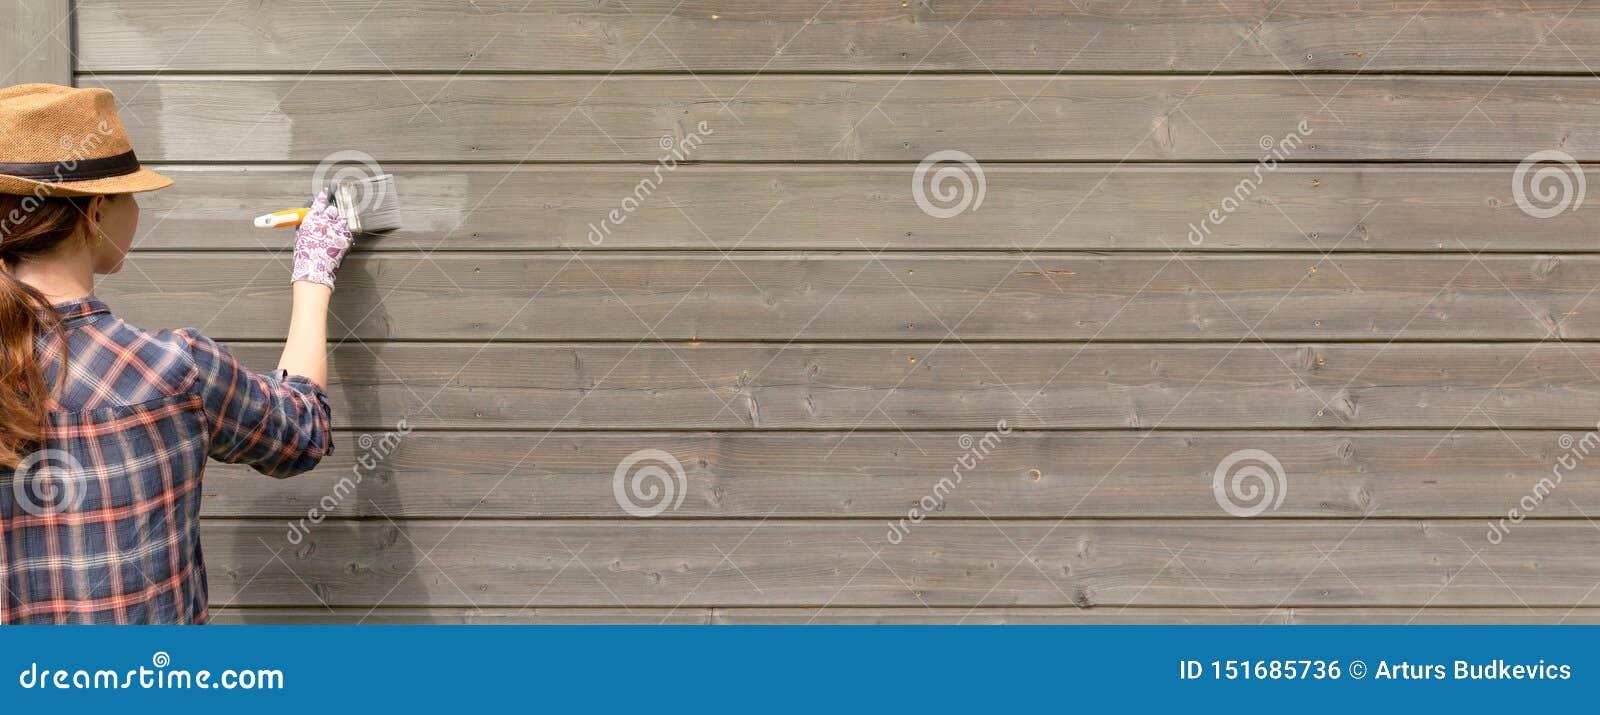 Äußere Wand des Arbeitnehmerin-Malereiholzhauses mit Malerpinsel und hölzerner schützender Farbe